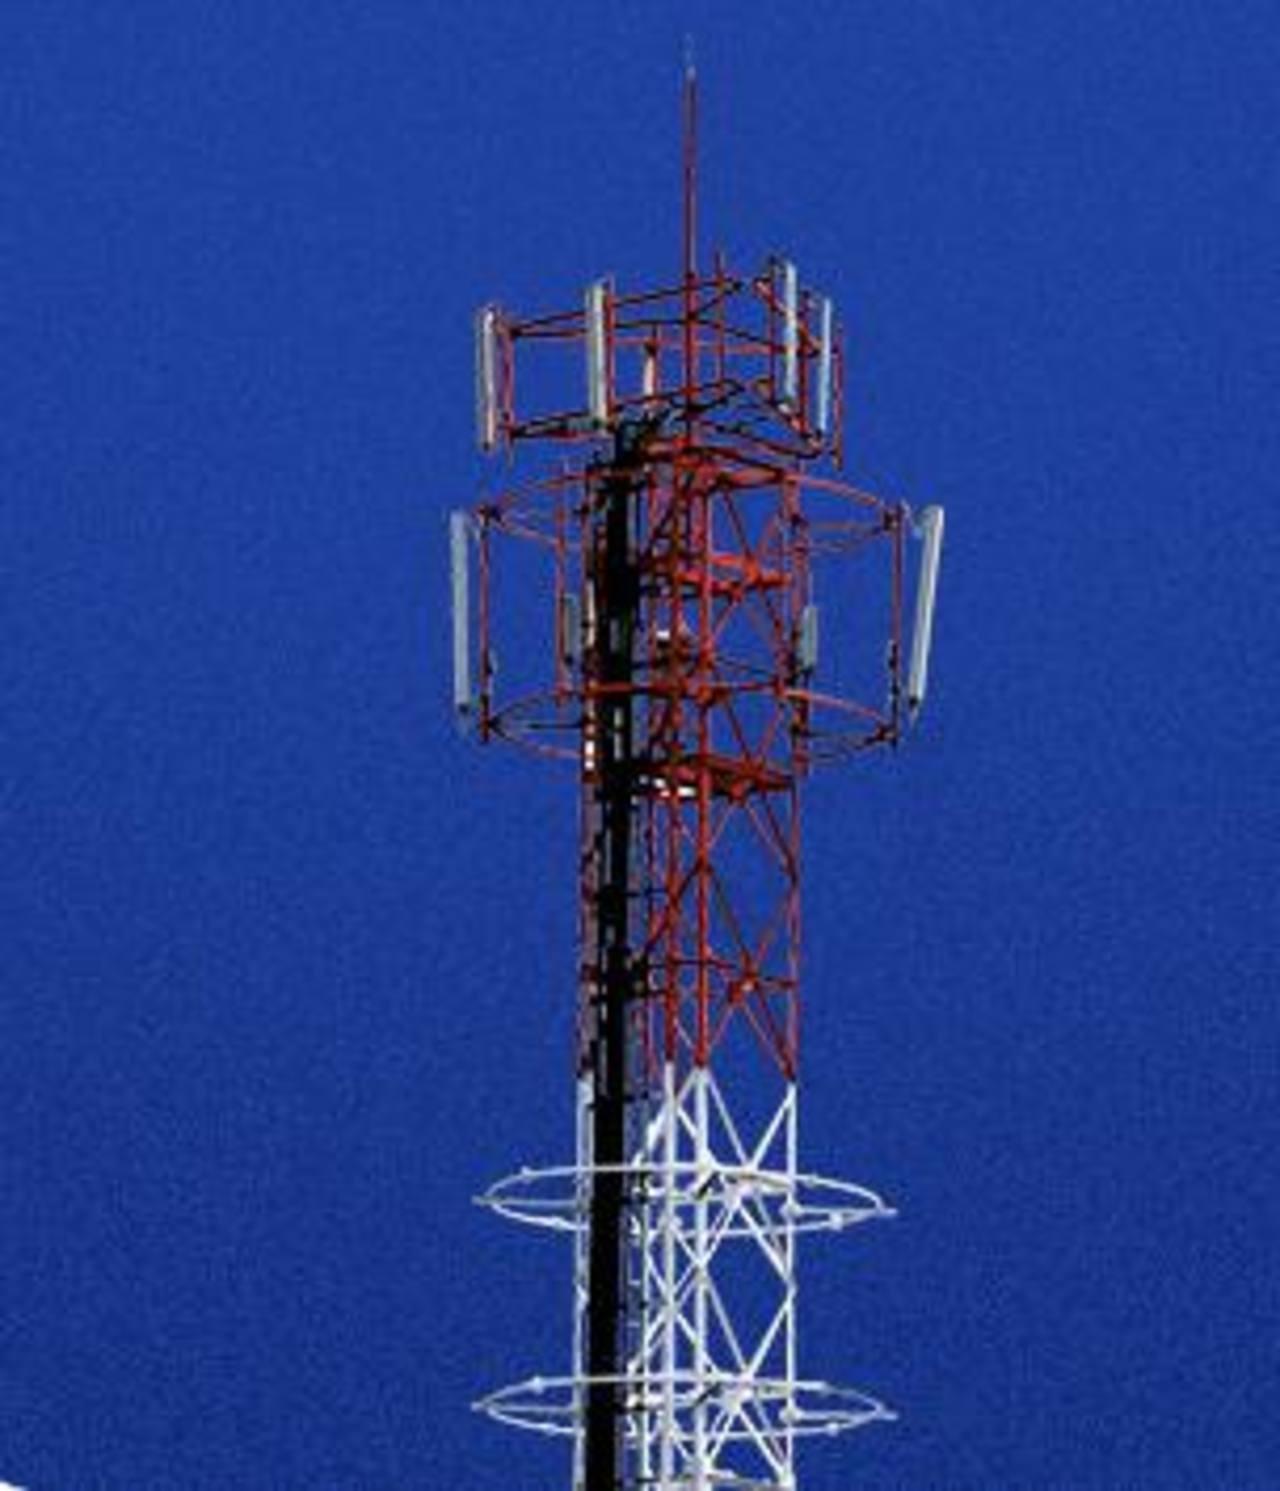 Las telecomunicaciones es uno de los sectores que crece y se desarrolla con mayor rapidez en el país.